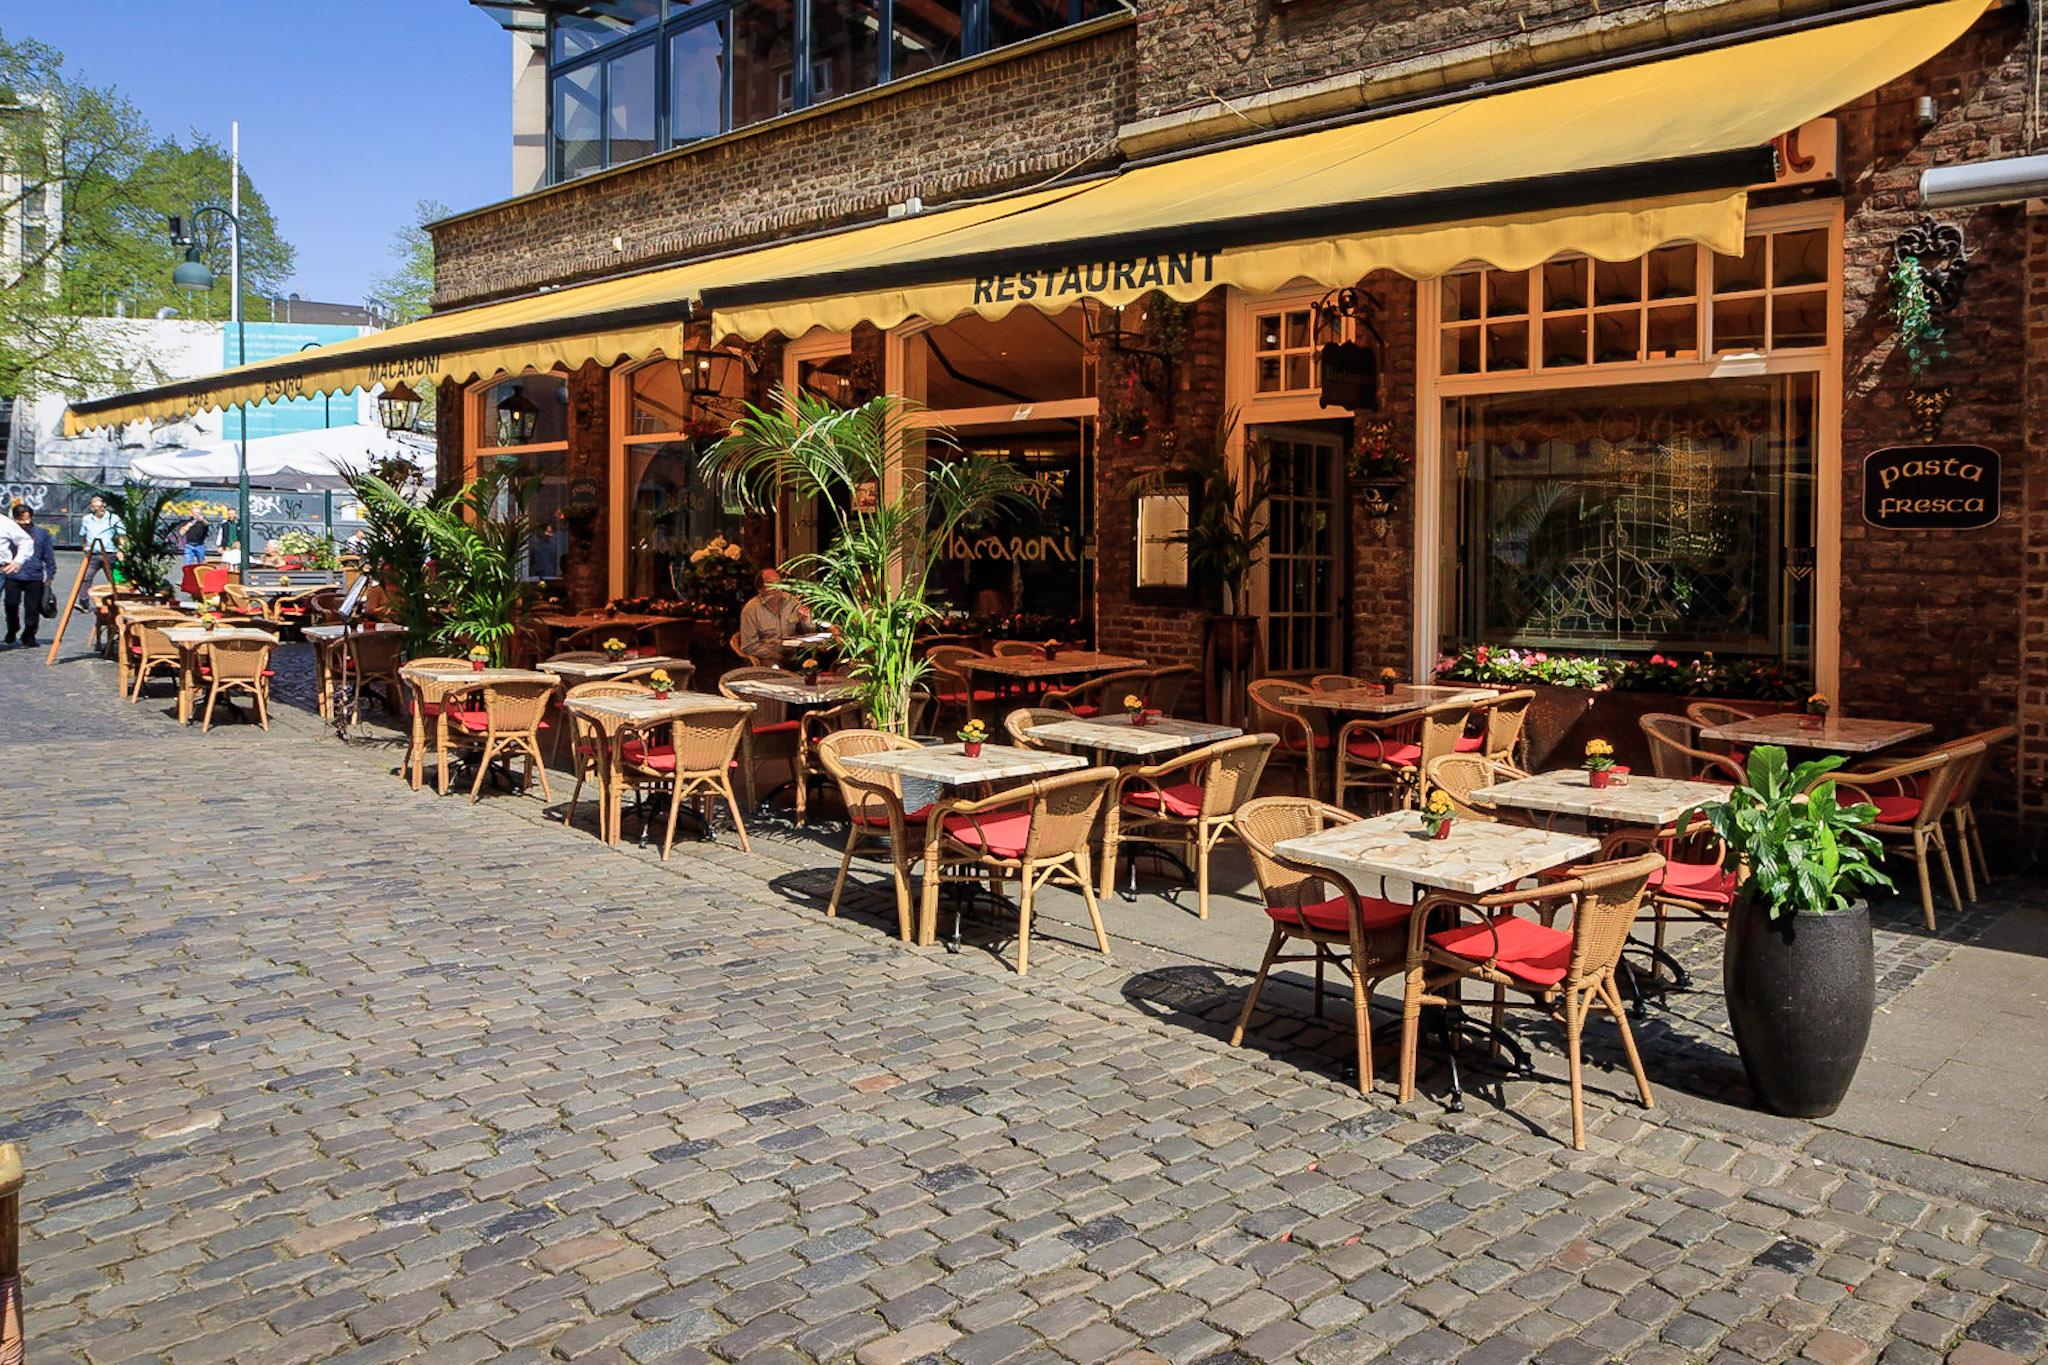 italienisches restaurant macaroni aachen caf bistro bar. Black Bedroom Furniture Sets. Home Design Ideas